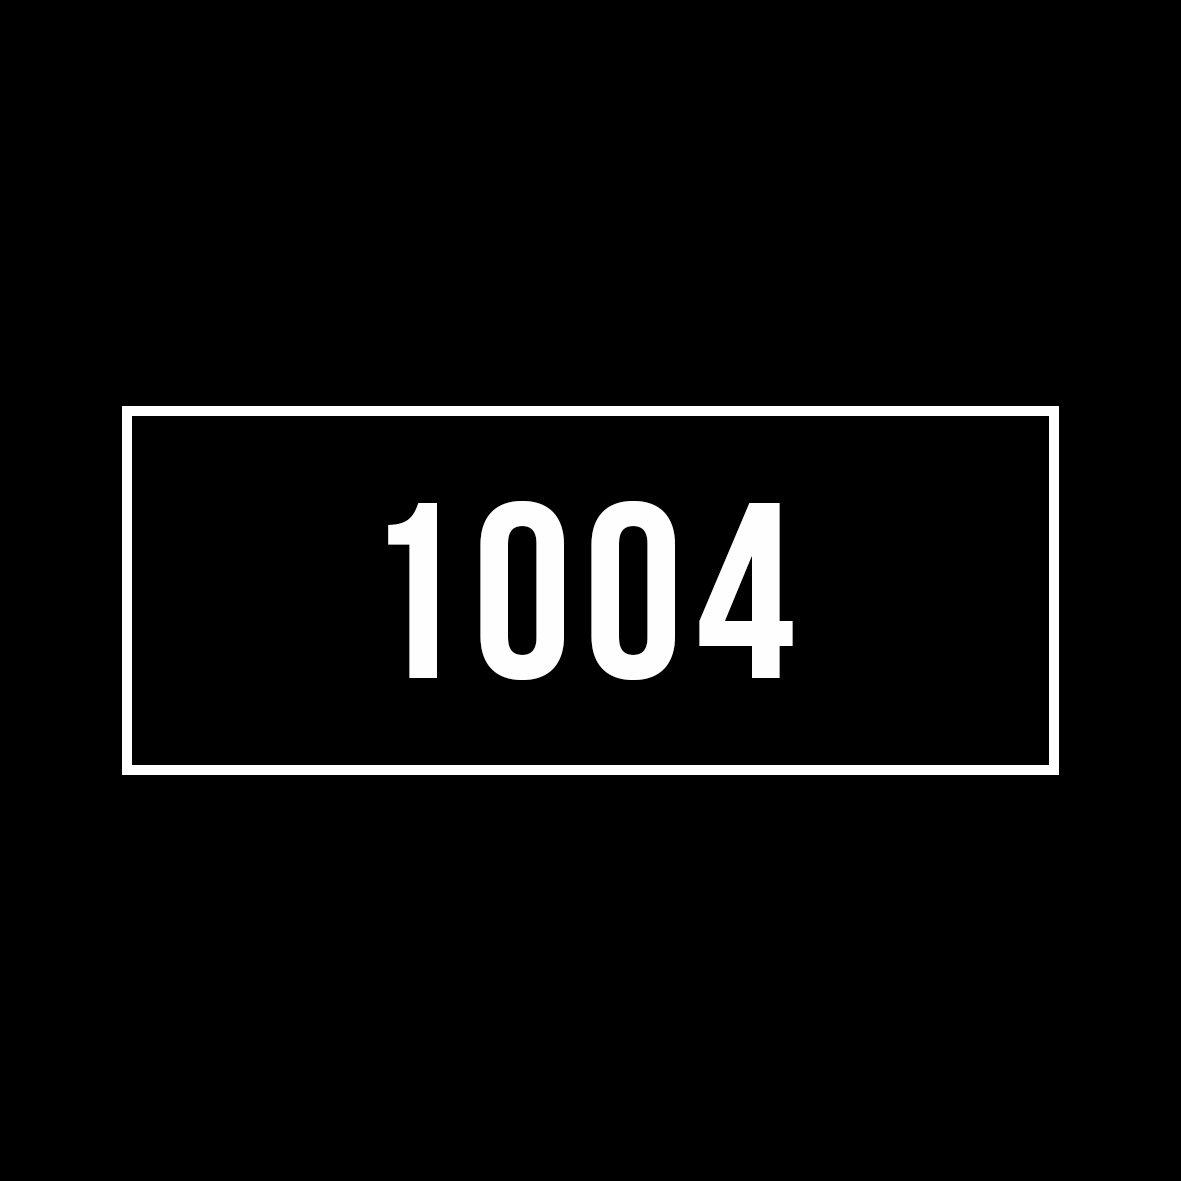 천사 1004